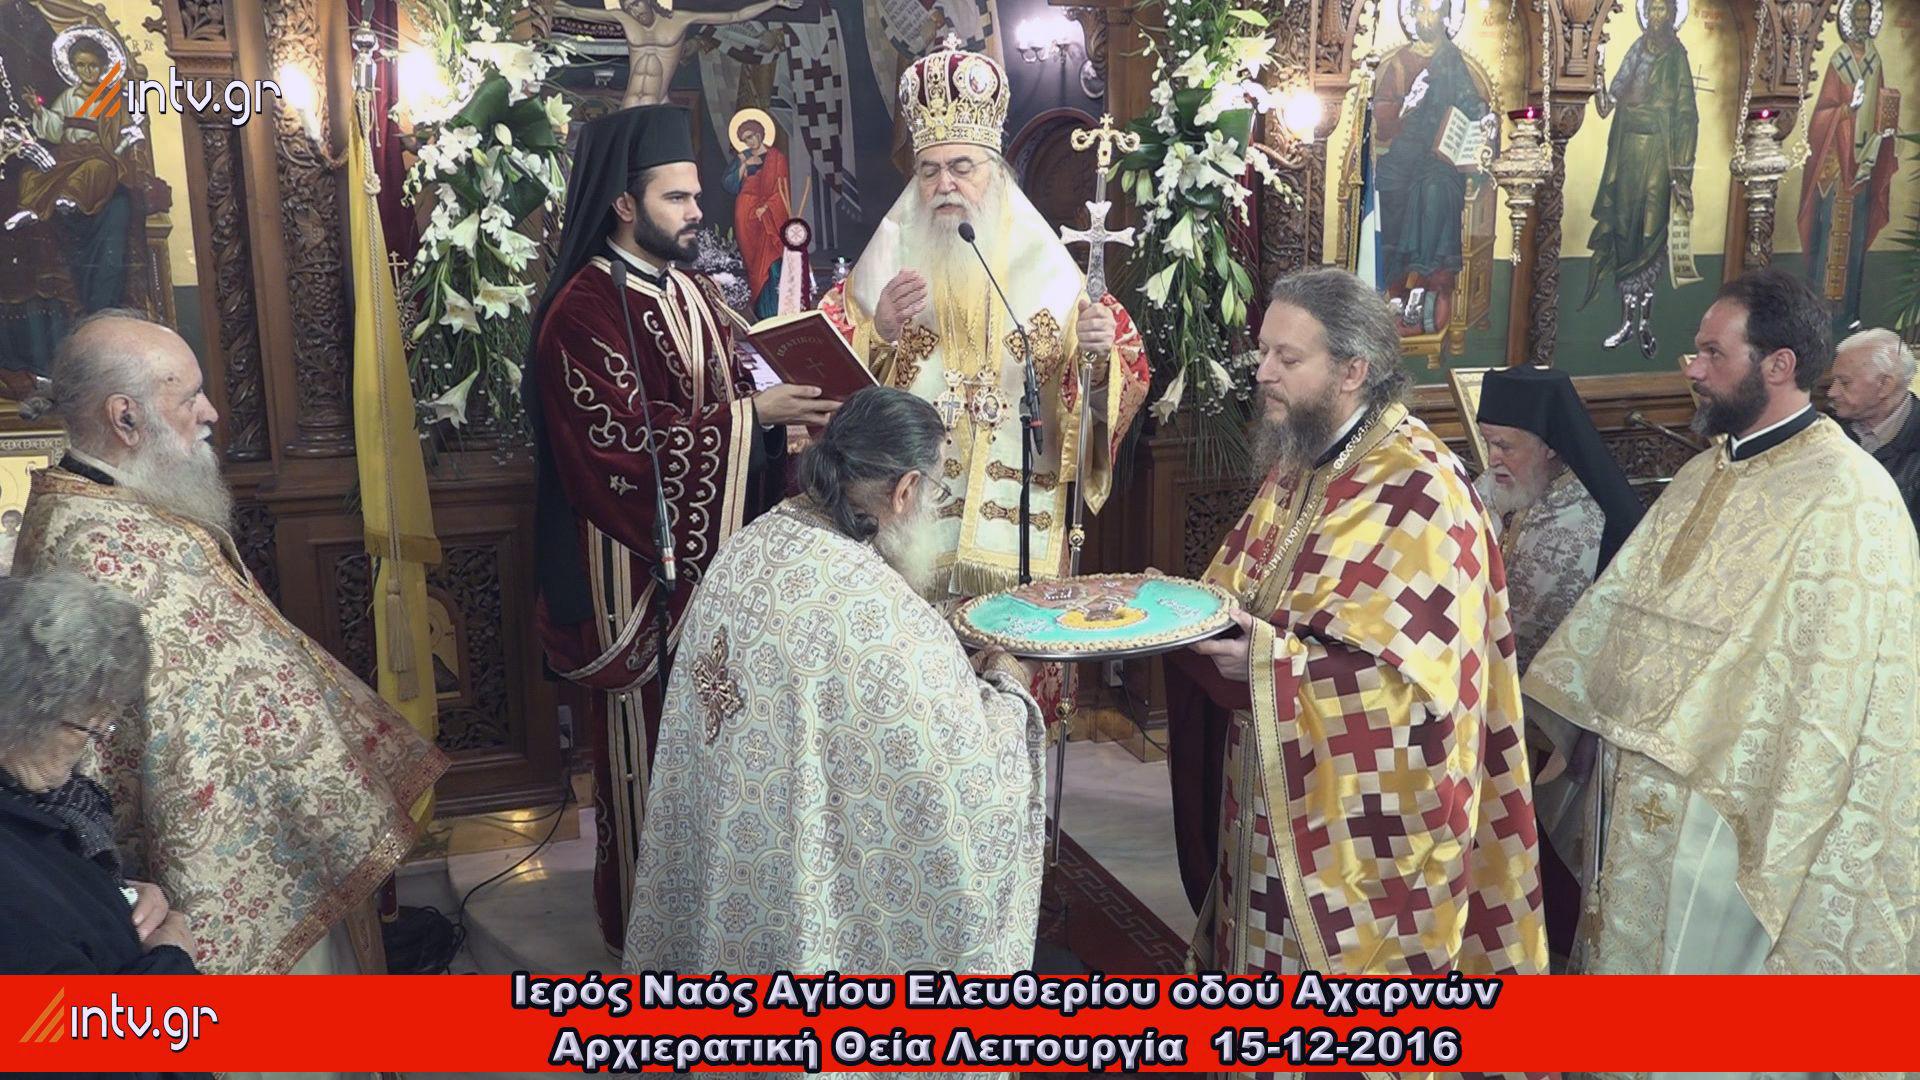 Ιερός Ναός Αγίου Ελευθερίου οδού Αχαρνών - Αρχιερατική Πανηγυρική Θεία Λειτουργία -